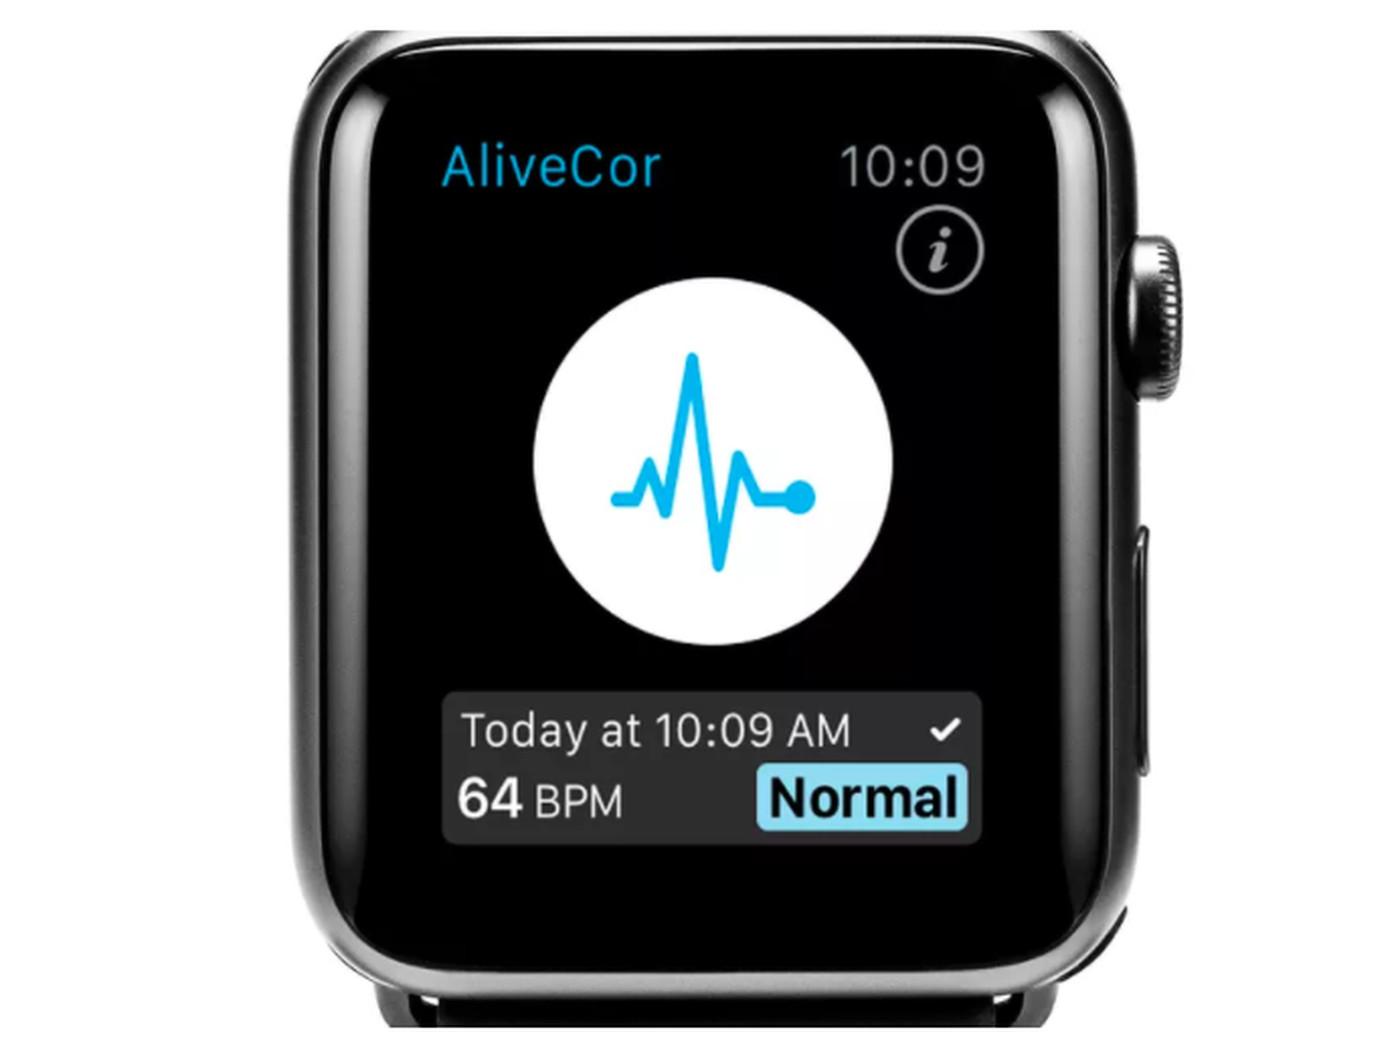 Bộ cảm biến trên Apple Watch có thể phát hiện thấy kali trong máu của bạn – không cần kim